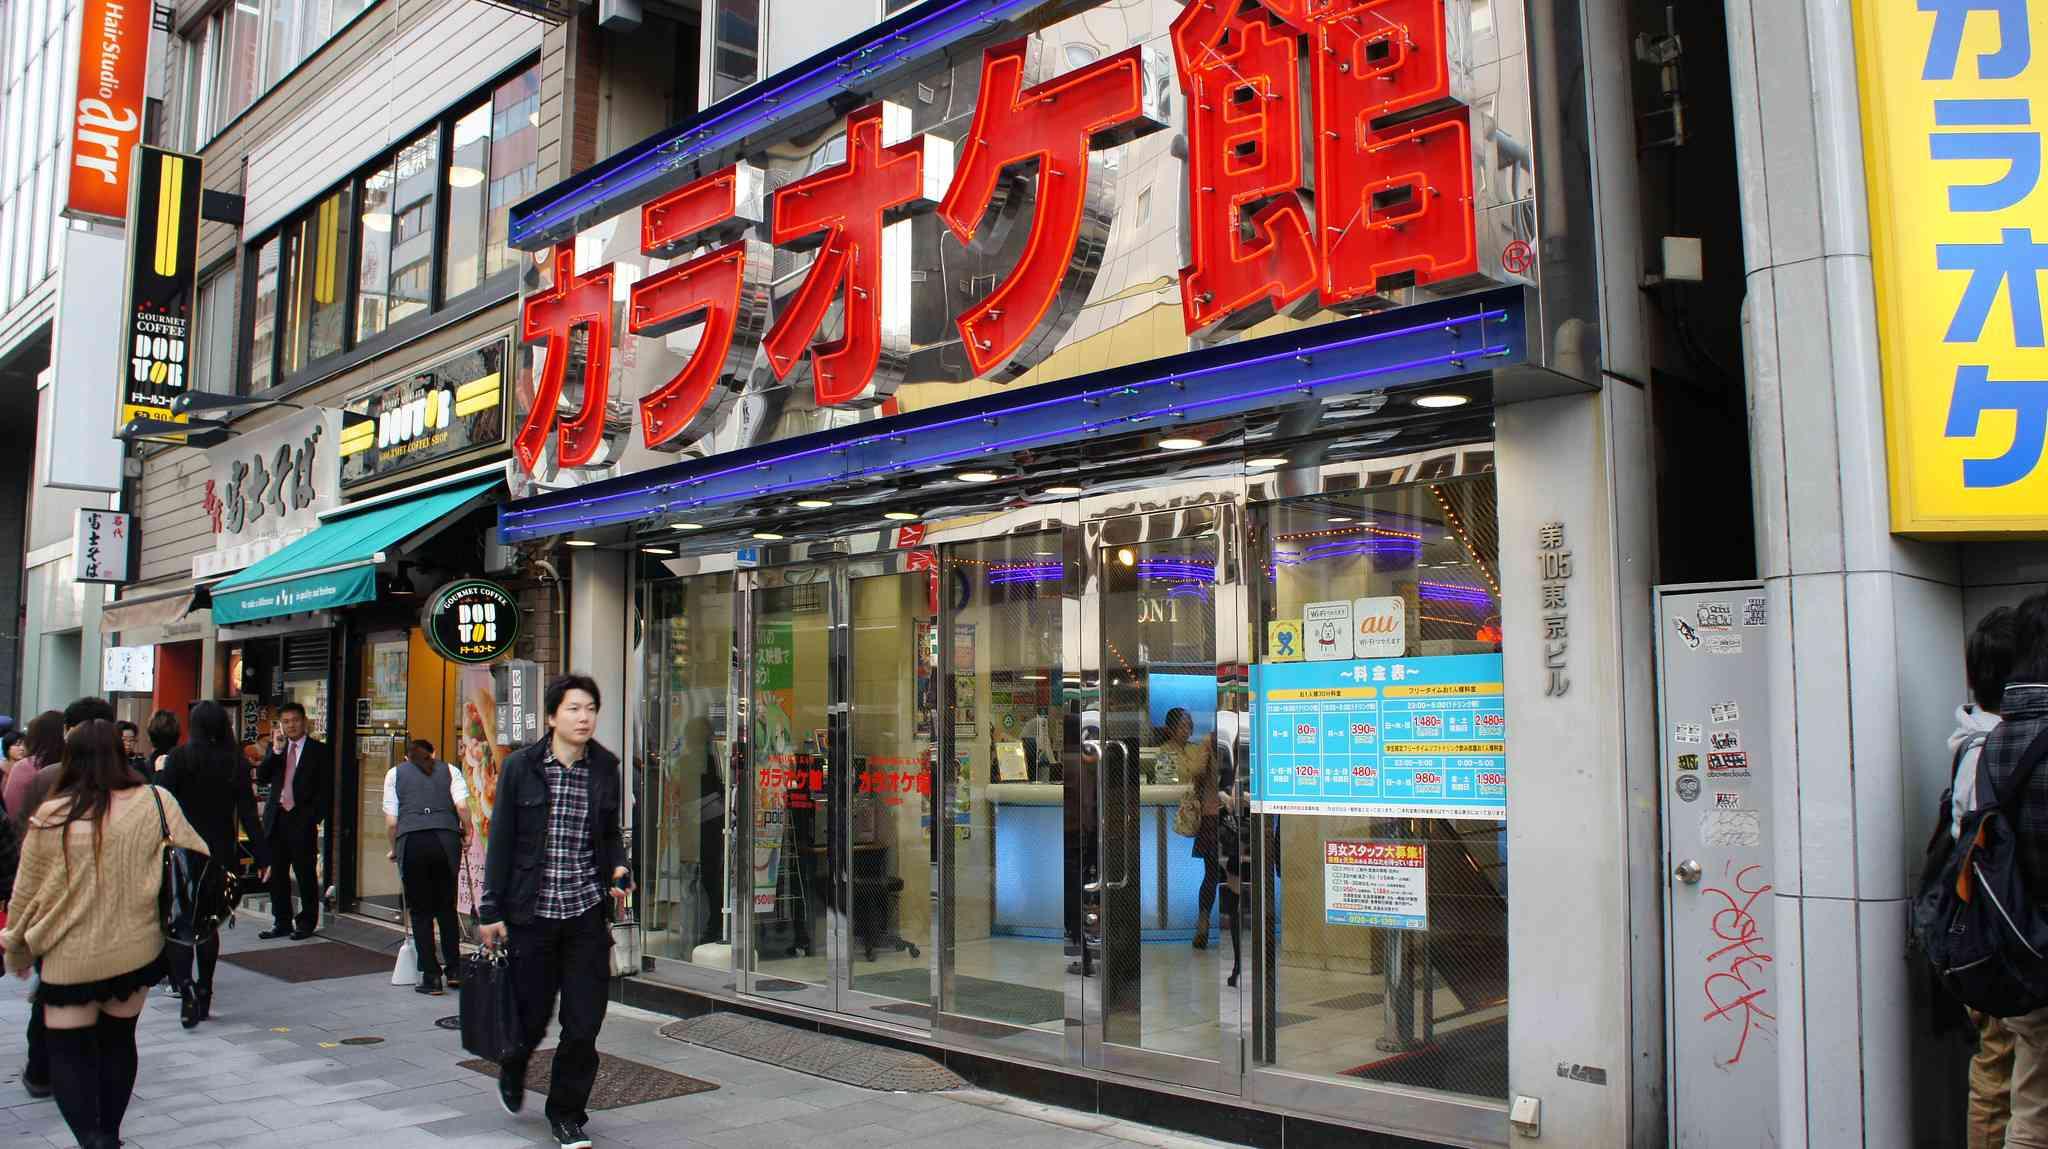 Outside of the Shibuya Karaoke Kan, with people walking around